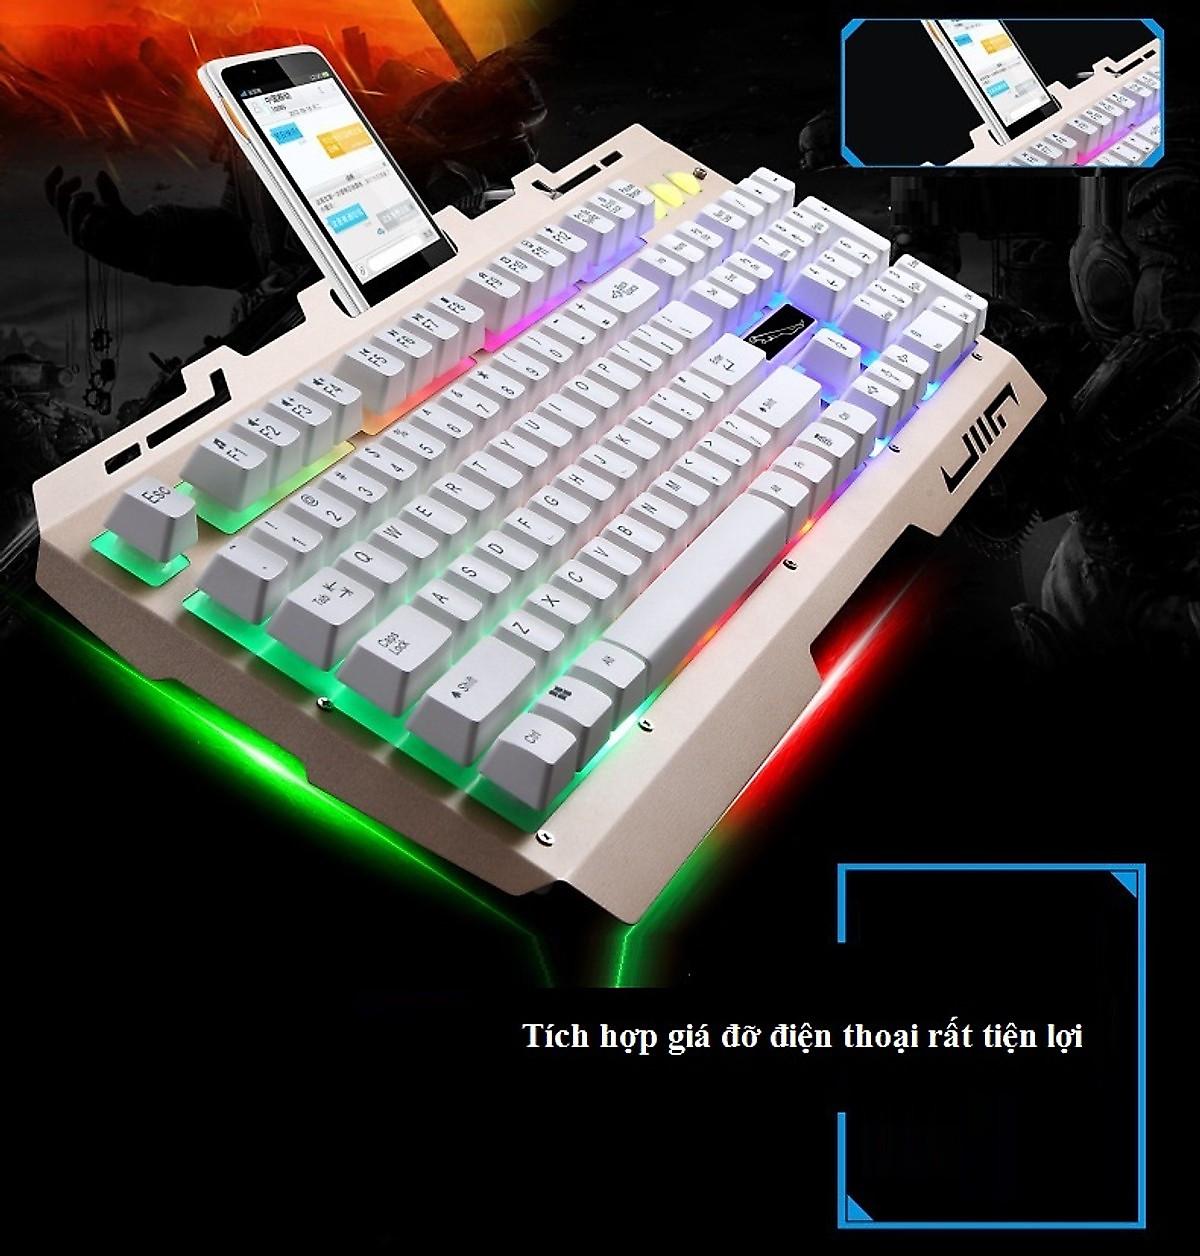 Bàn phím chơi game g700 màu trắng